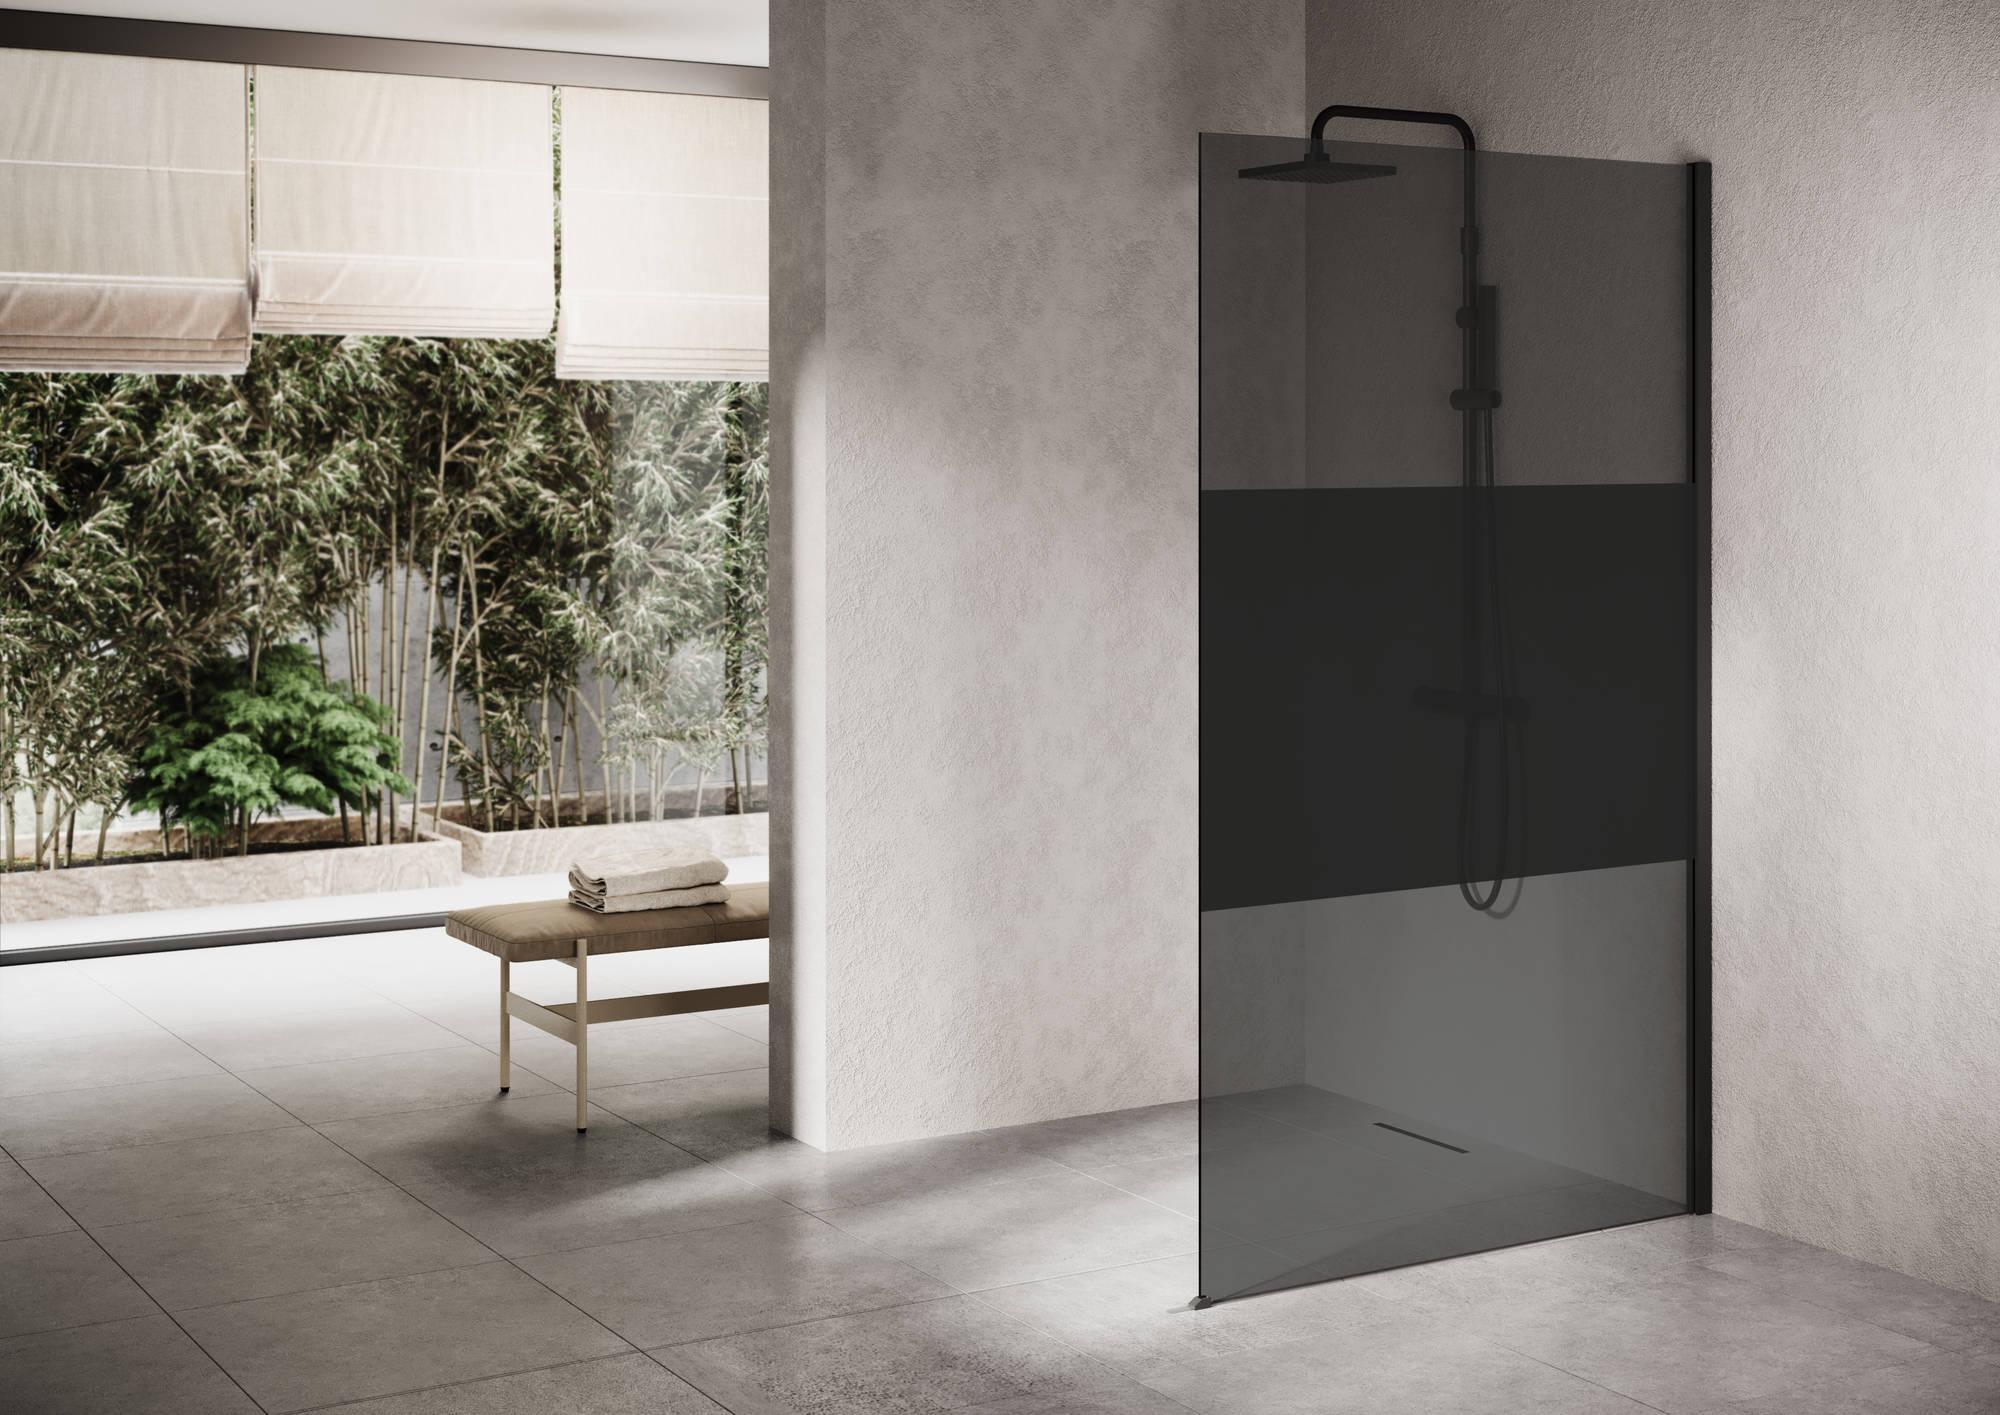 Ben Delphi Inloopdouche met Dark Satin Glas 100x200 cm Mat Zwart